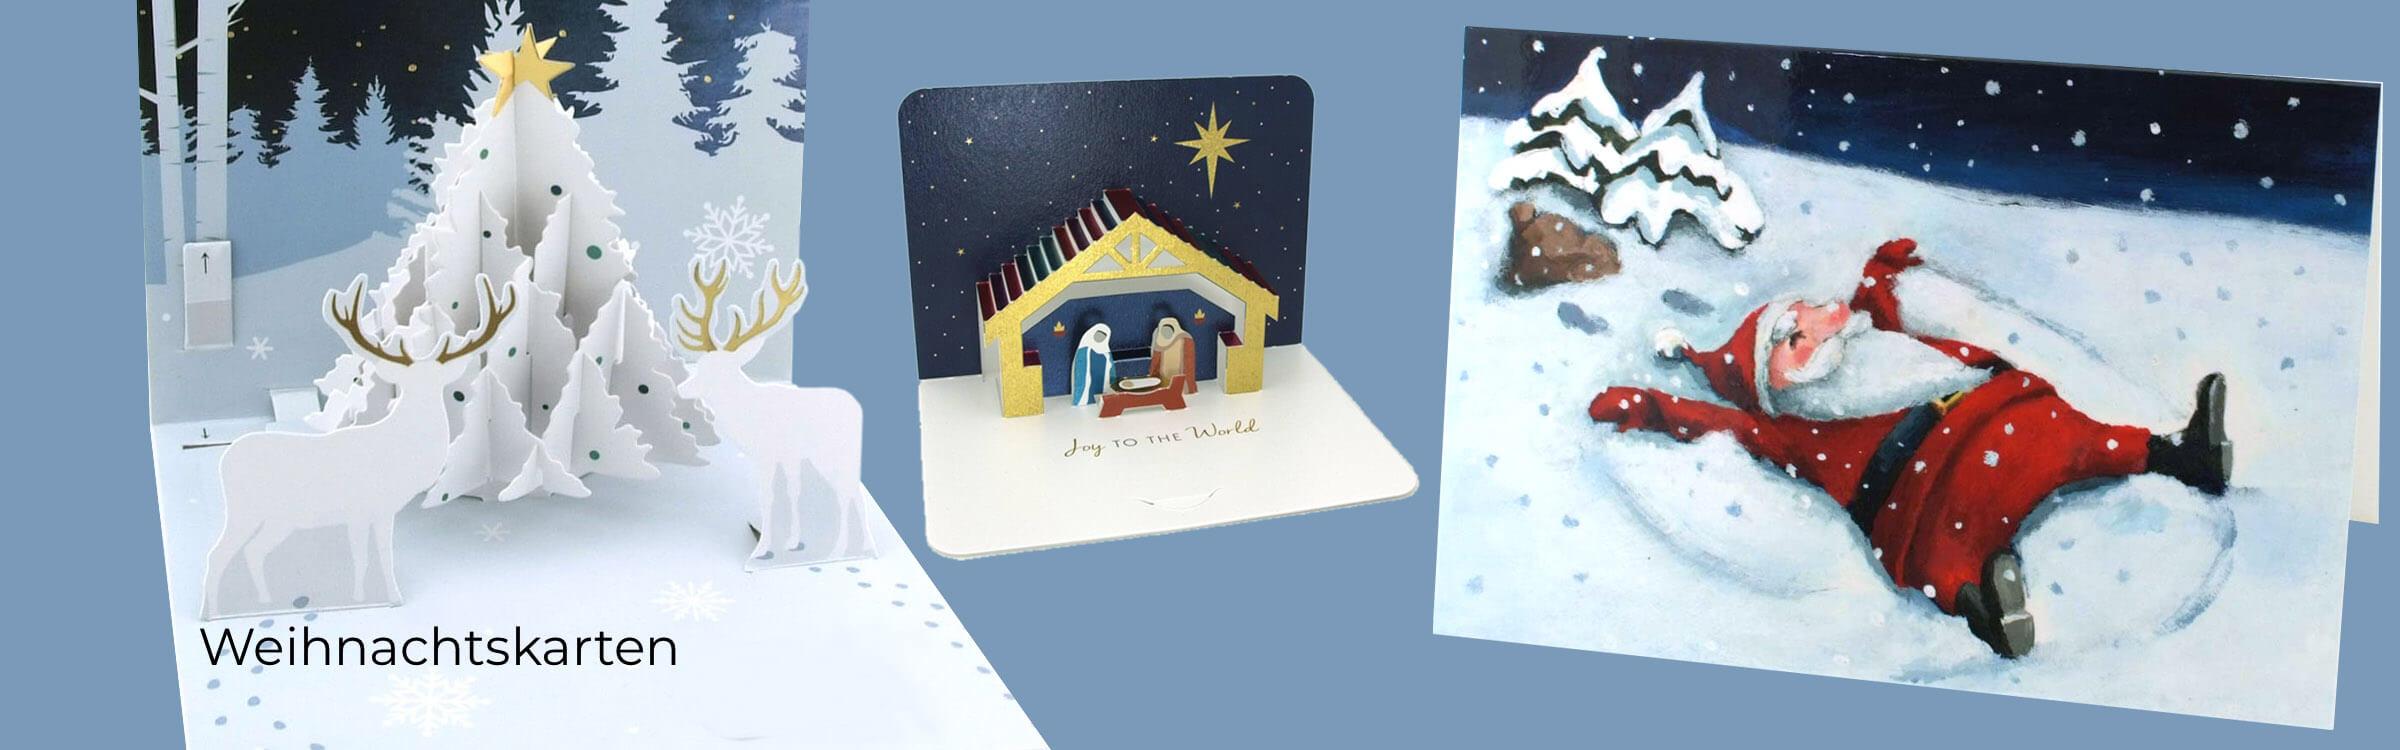 Weihnachtskarten kaufen - hier im Online-Shop -Advent